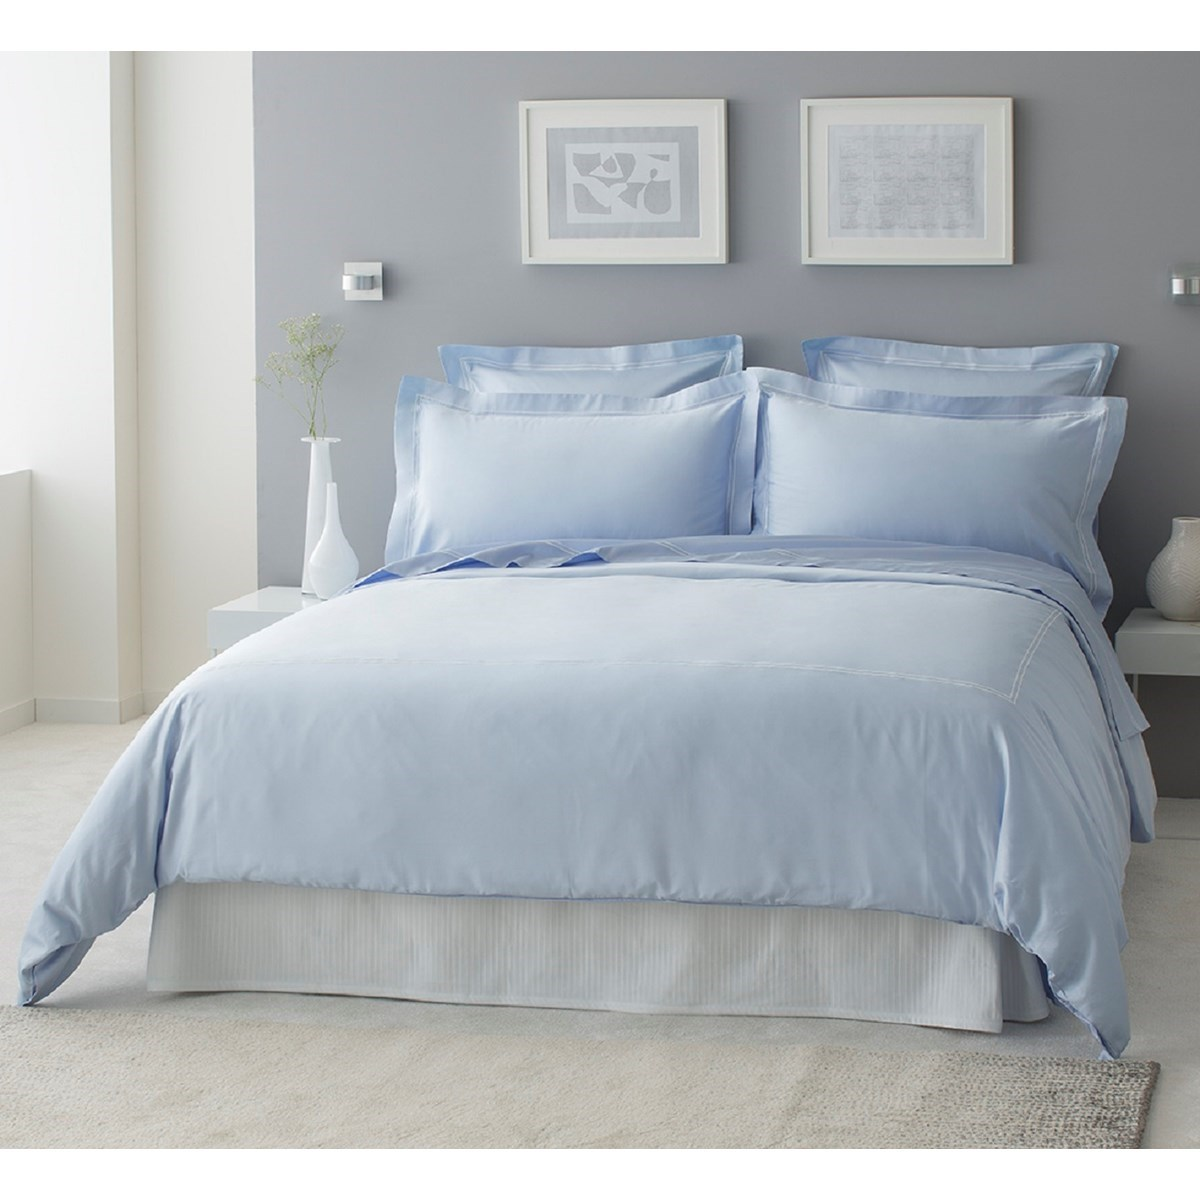 Drap plat luxe en Satin de coton Bleu ciel 300x310 cm